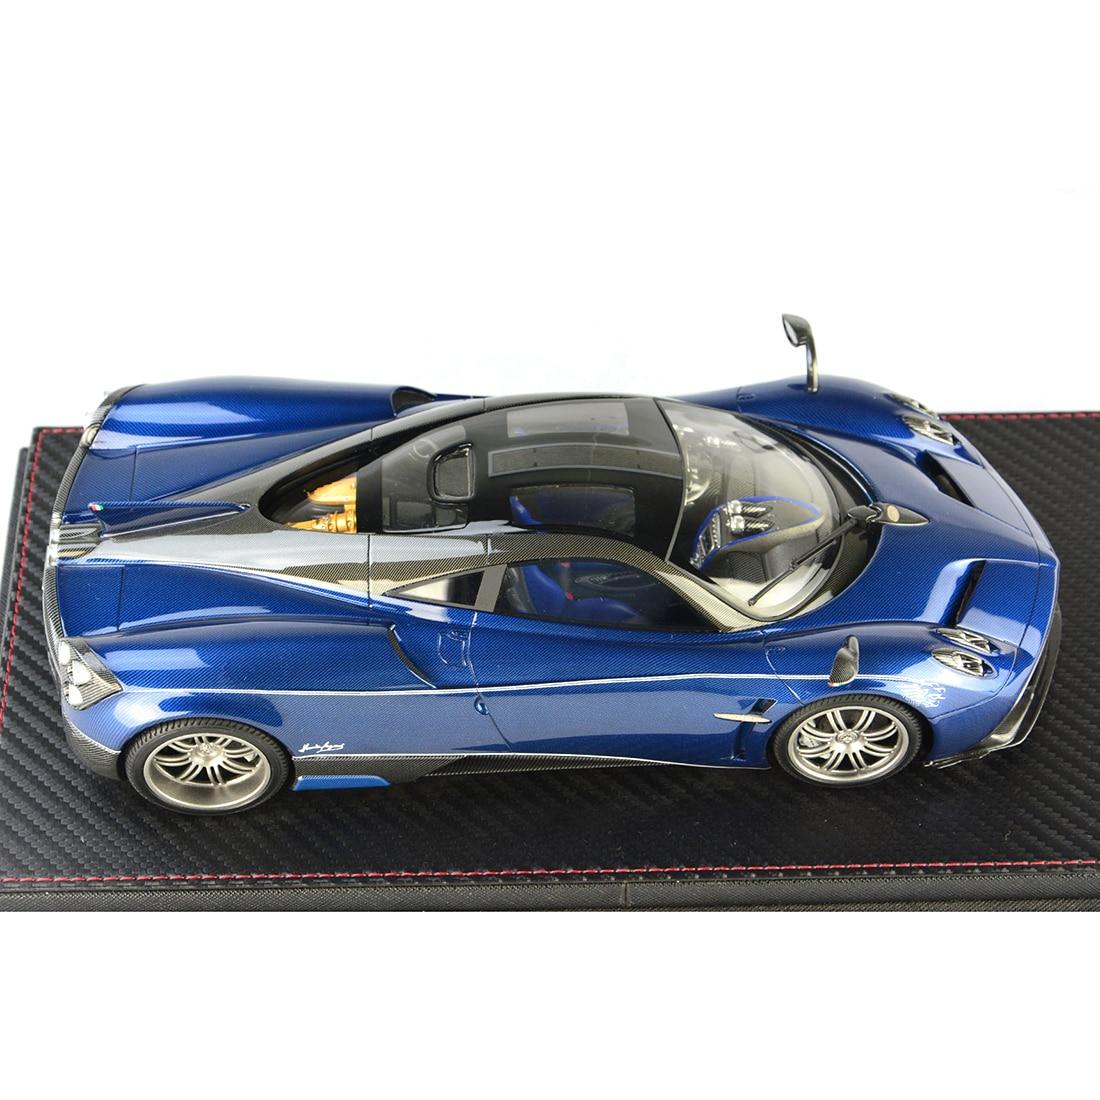 1:18 modelo de coche Pagani HUAYRA colección de modelos de decoración con Base cubierta de polvo modelo educativo juguete azul/Gris Carbón/rojo púrpura - 6